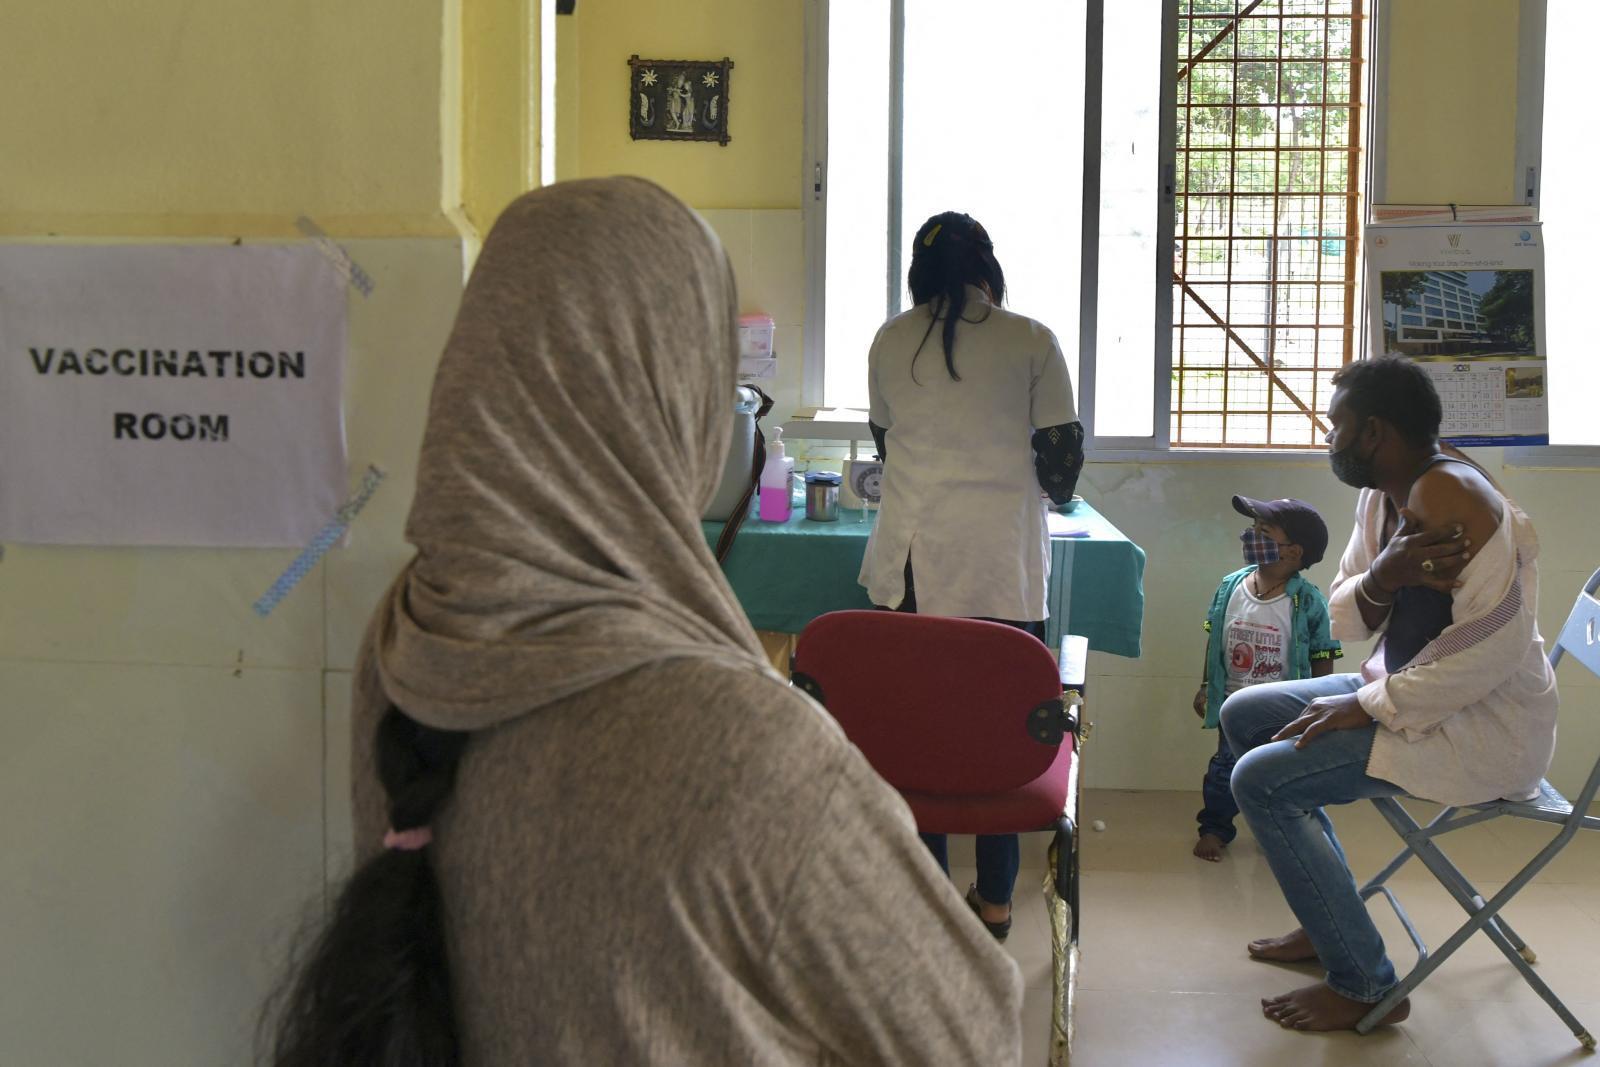 """องค์การอนามัยโลกรายงานพบ """"วัคซีนปลอม"""" ในอินเดีย-แอฟริกา"""